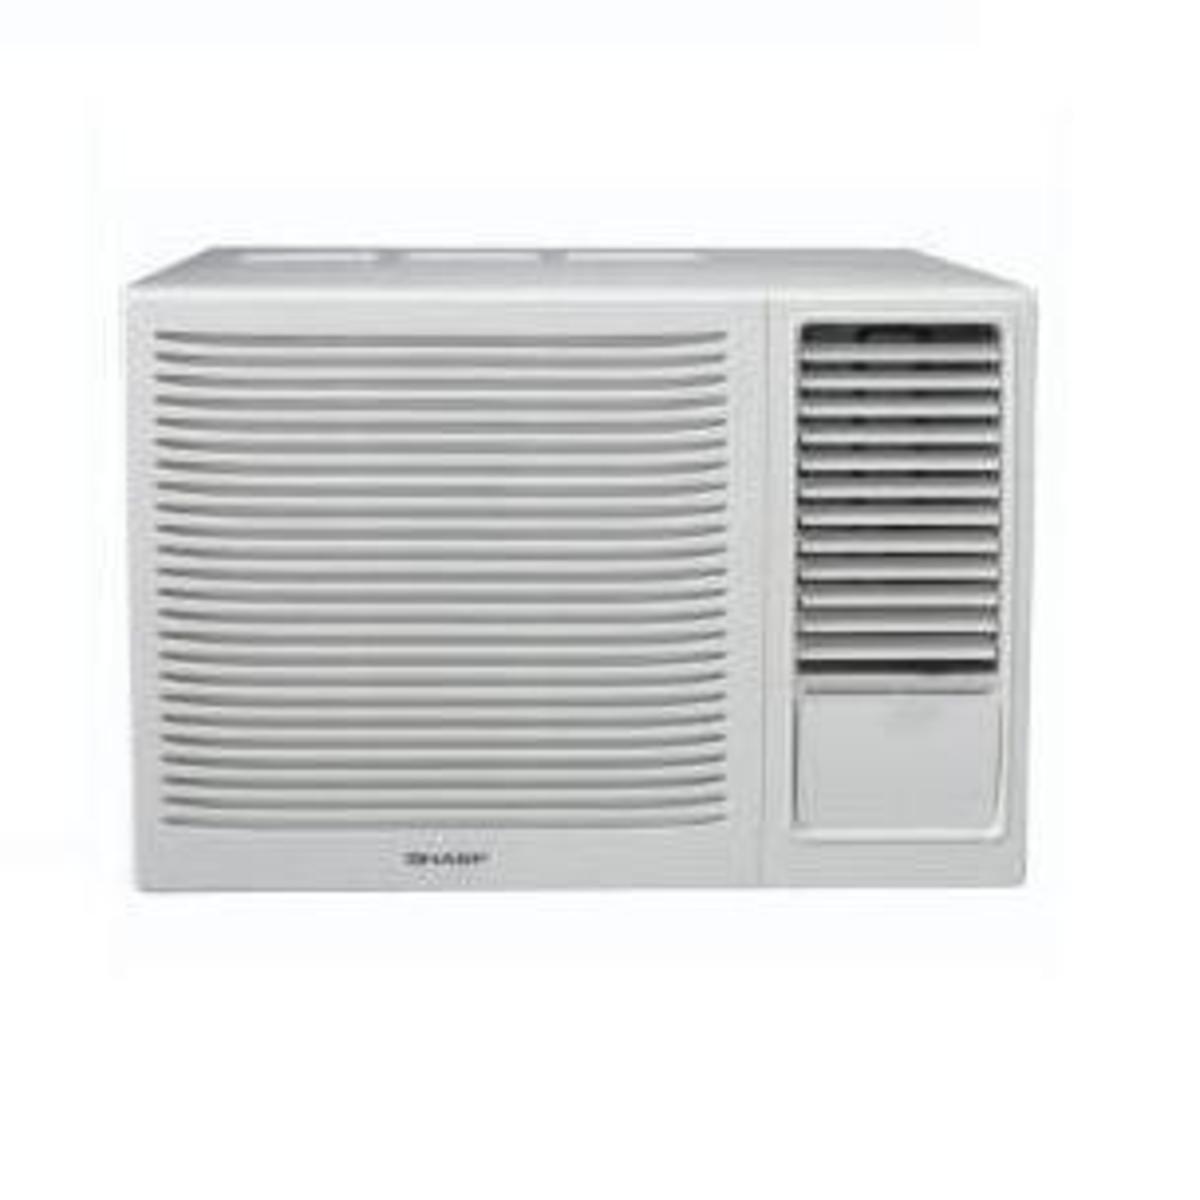 聲寶 2匹窗口式冷氣機 AF-A18PA